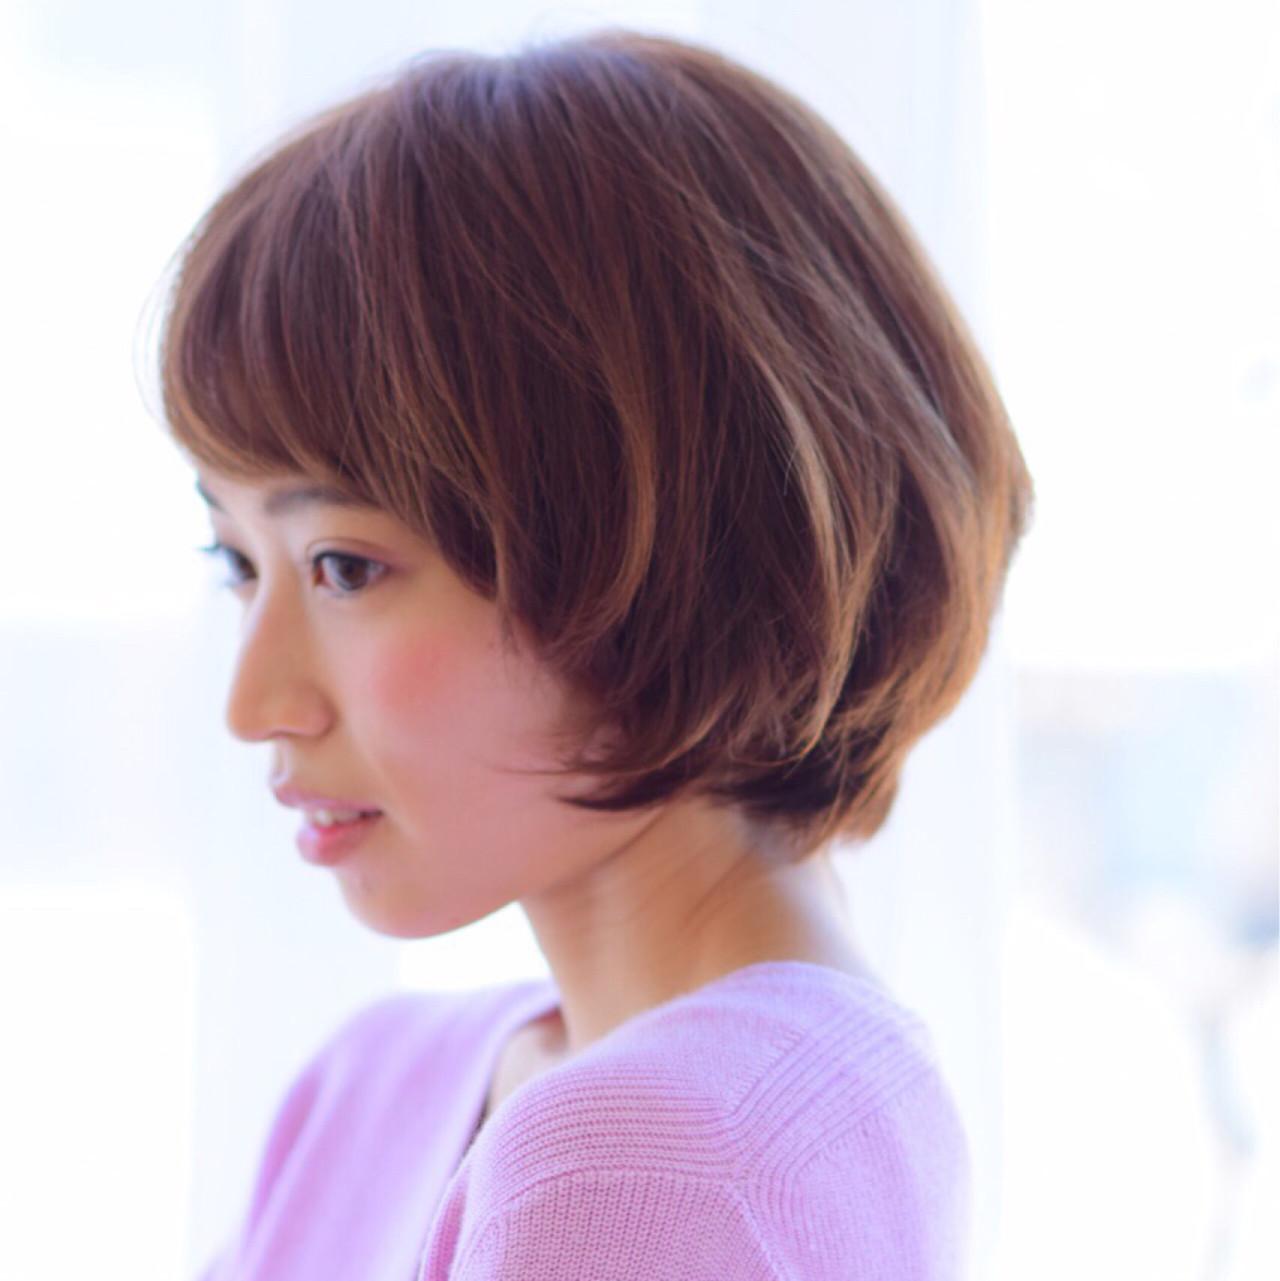 ショート ボブ 艶髪 小顔 ヘアスタイルや髪型の写真・画像 | 吉田直人 / tricca balcony hayama